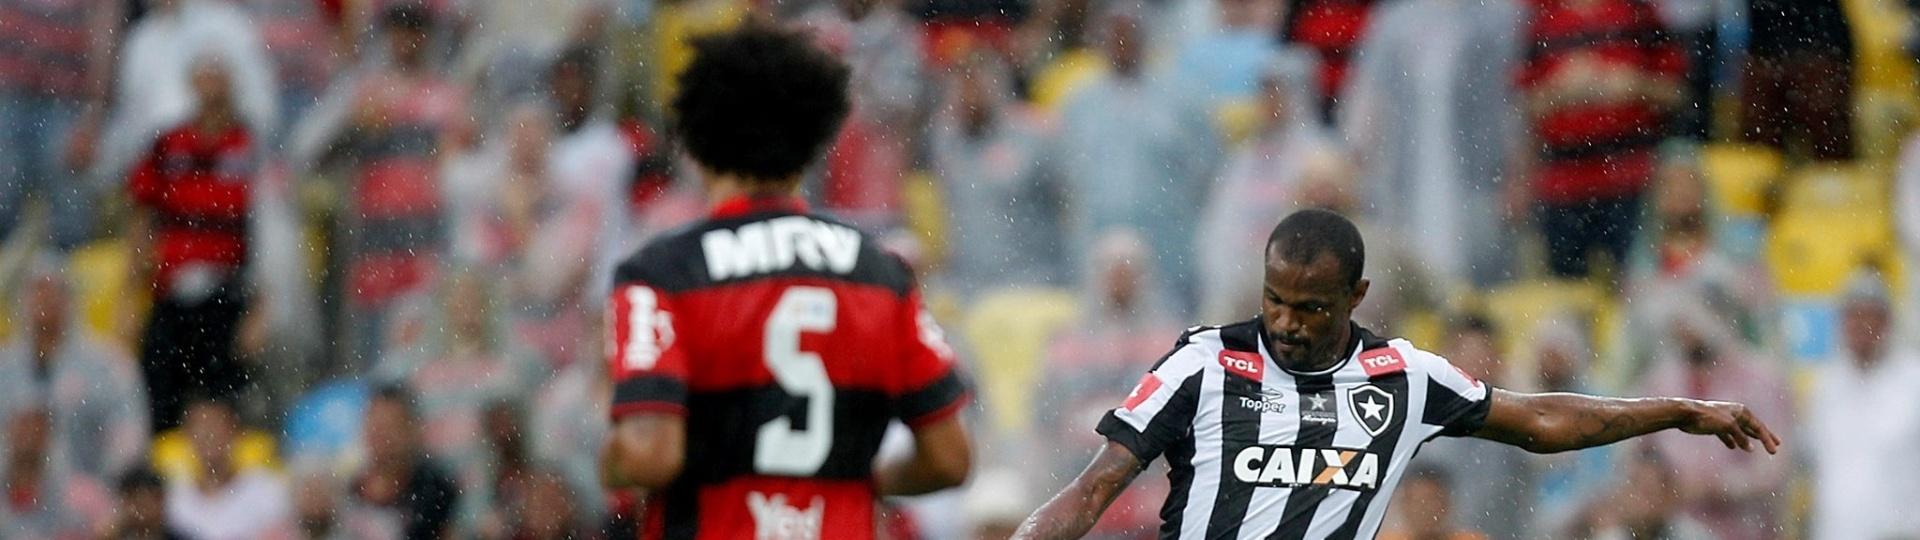 Flamengo e Botafogo medem forças no Estádio do Maracanã